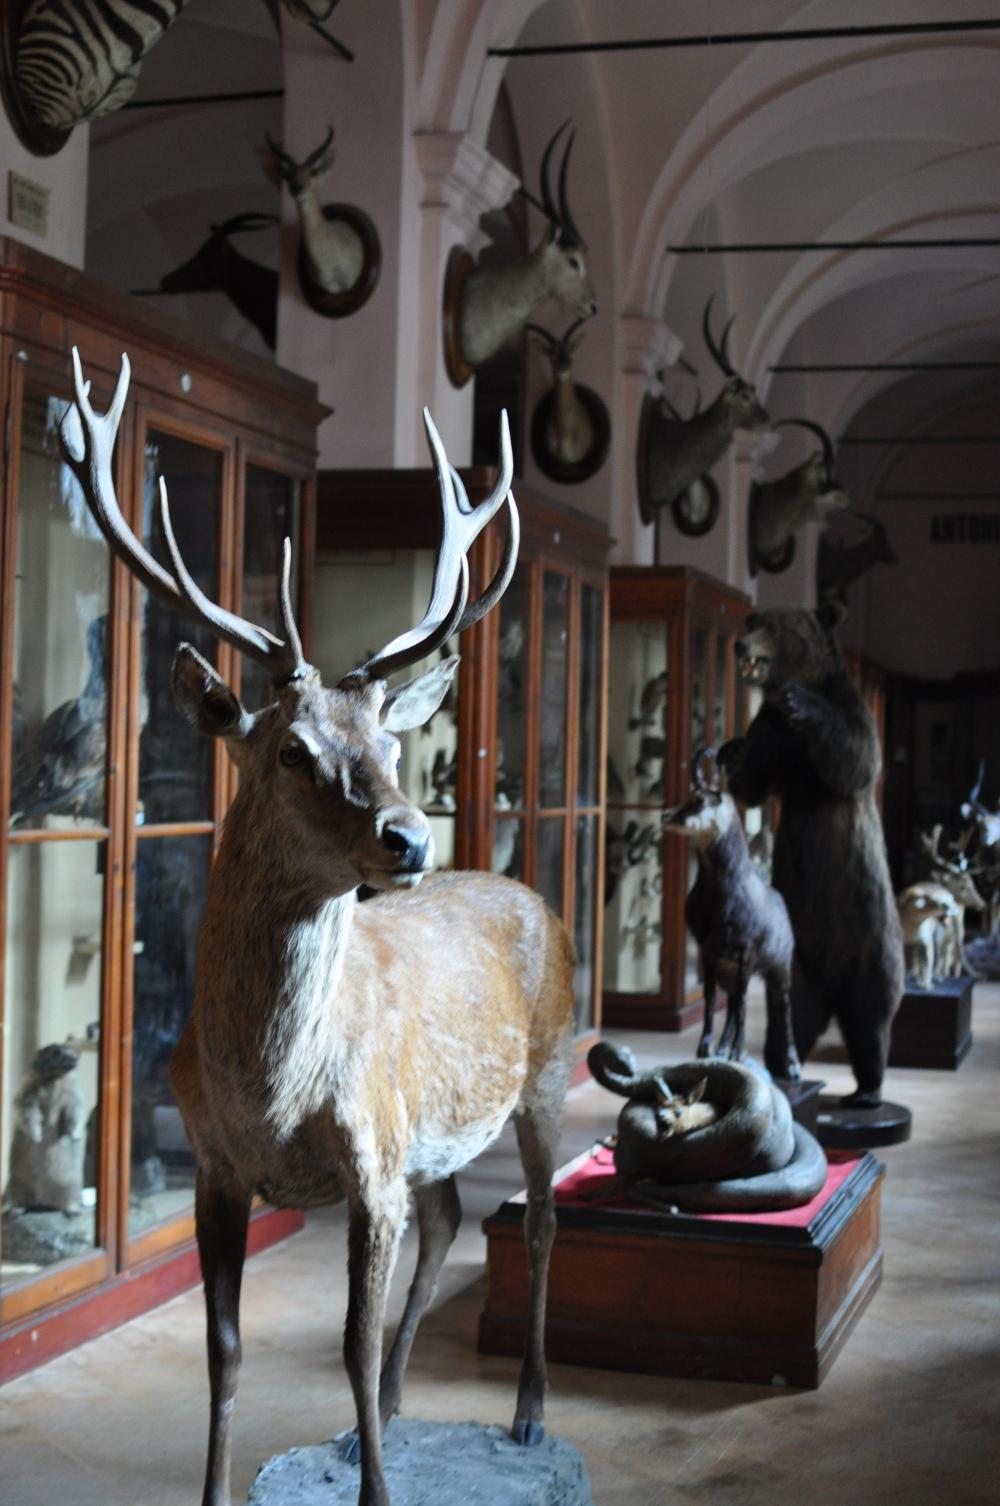 rocaille-blog-reggio-emilia-museo-lazzaro-spallanzani (52)